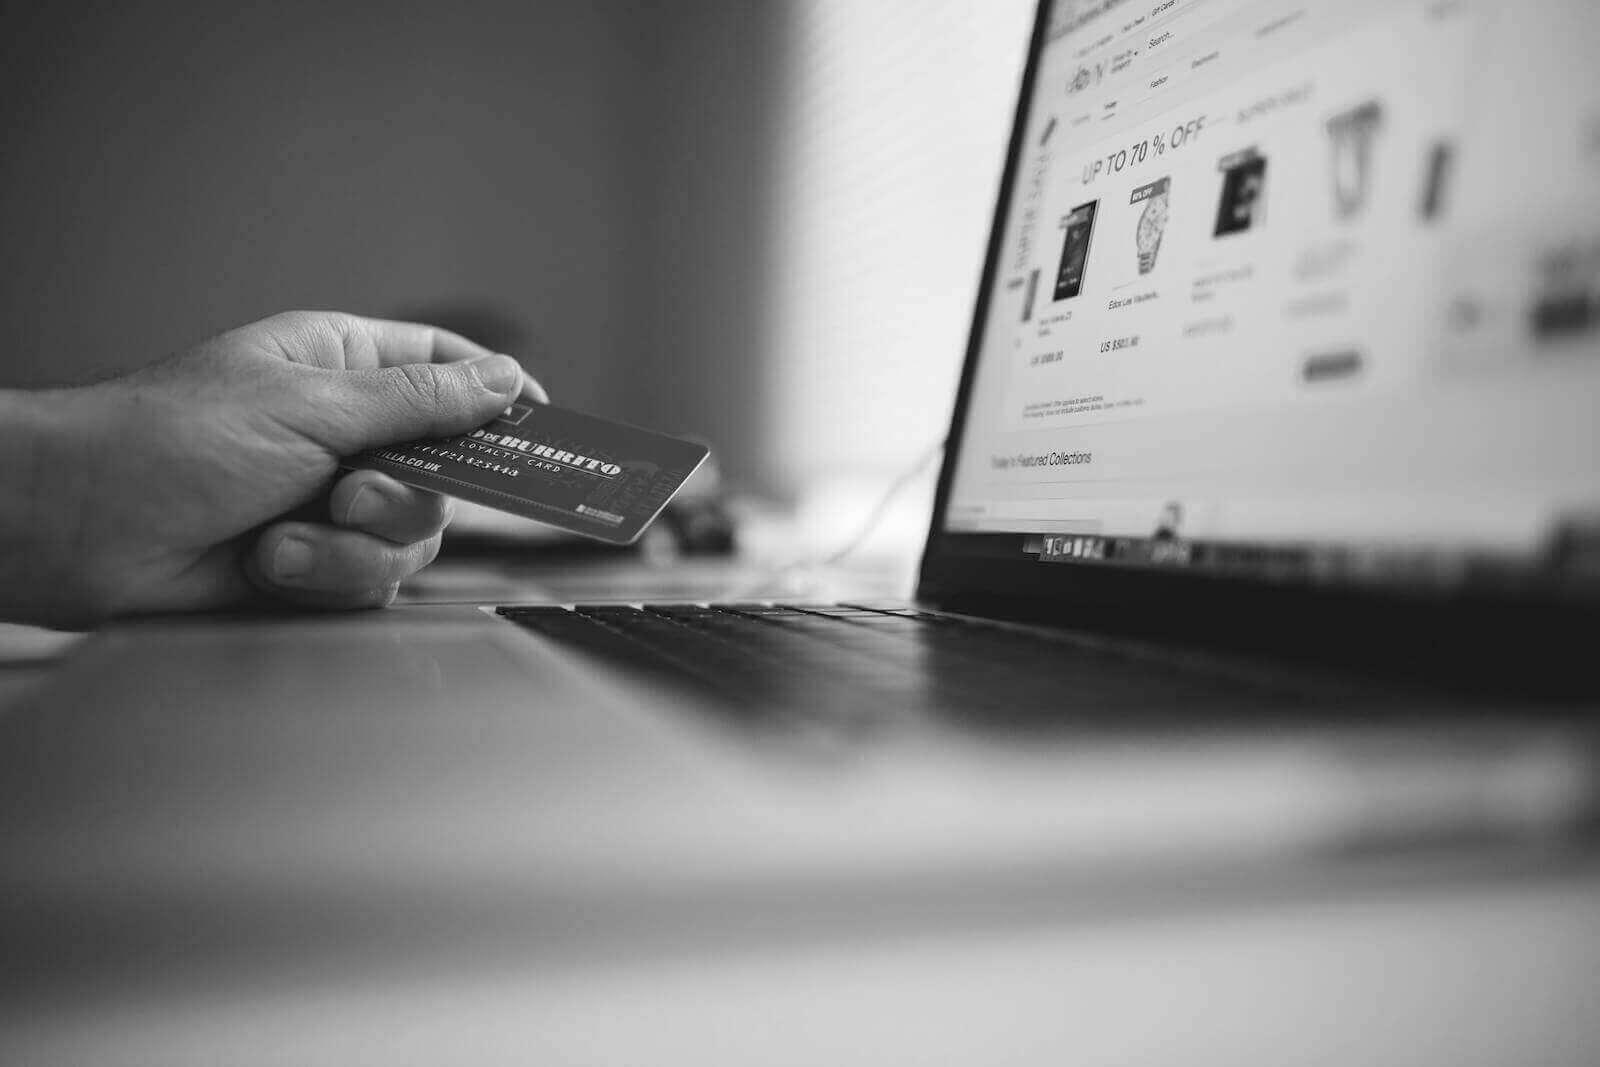 cash flow management accounts payable credit card laptop